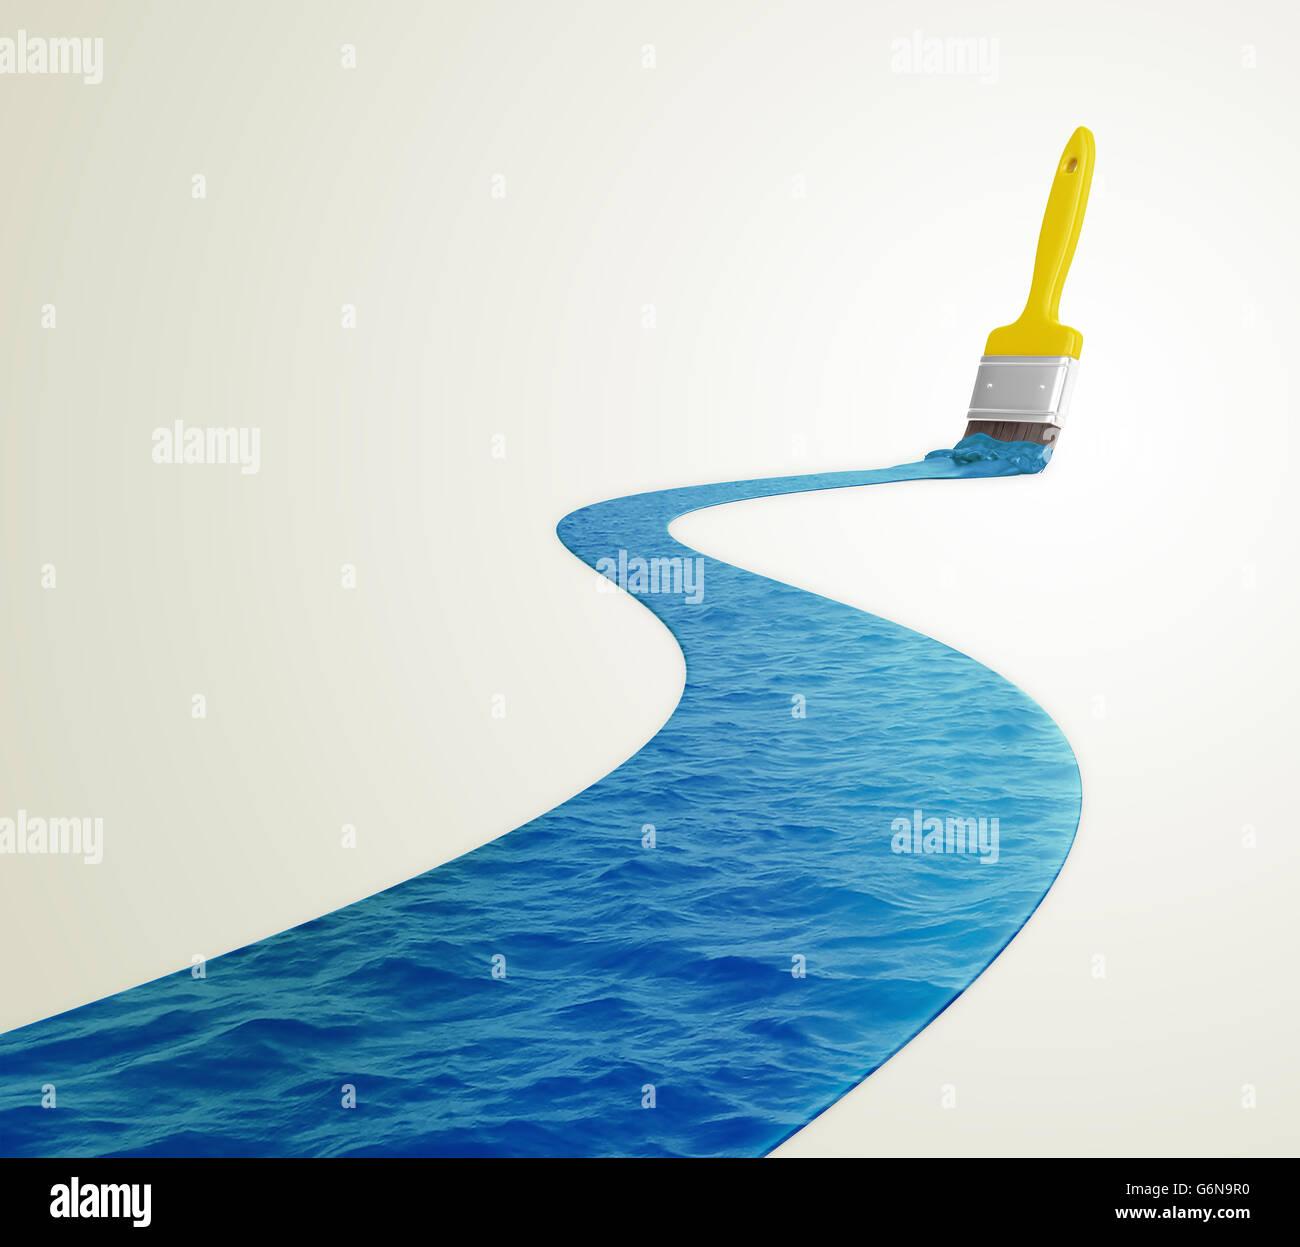 Peint de l'eau avec un pinceau - 3D illustration Photo Stock